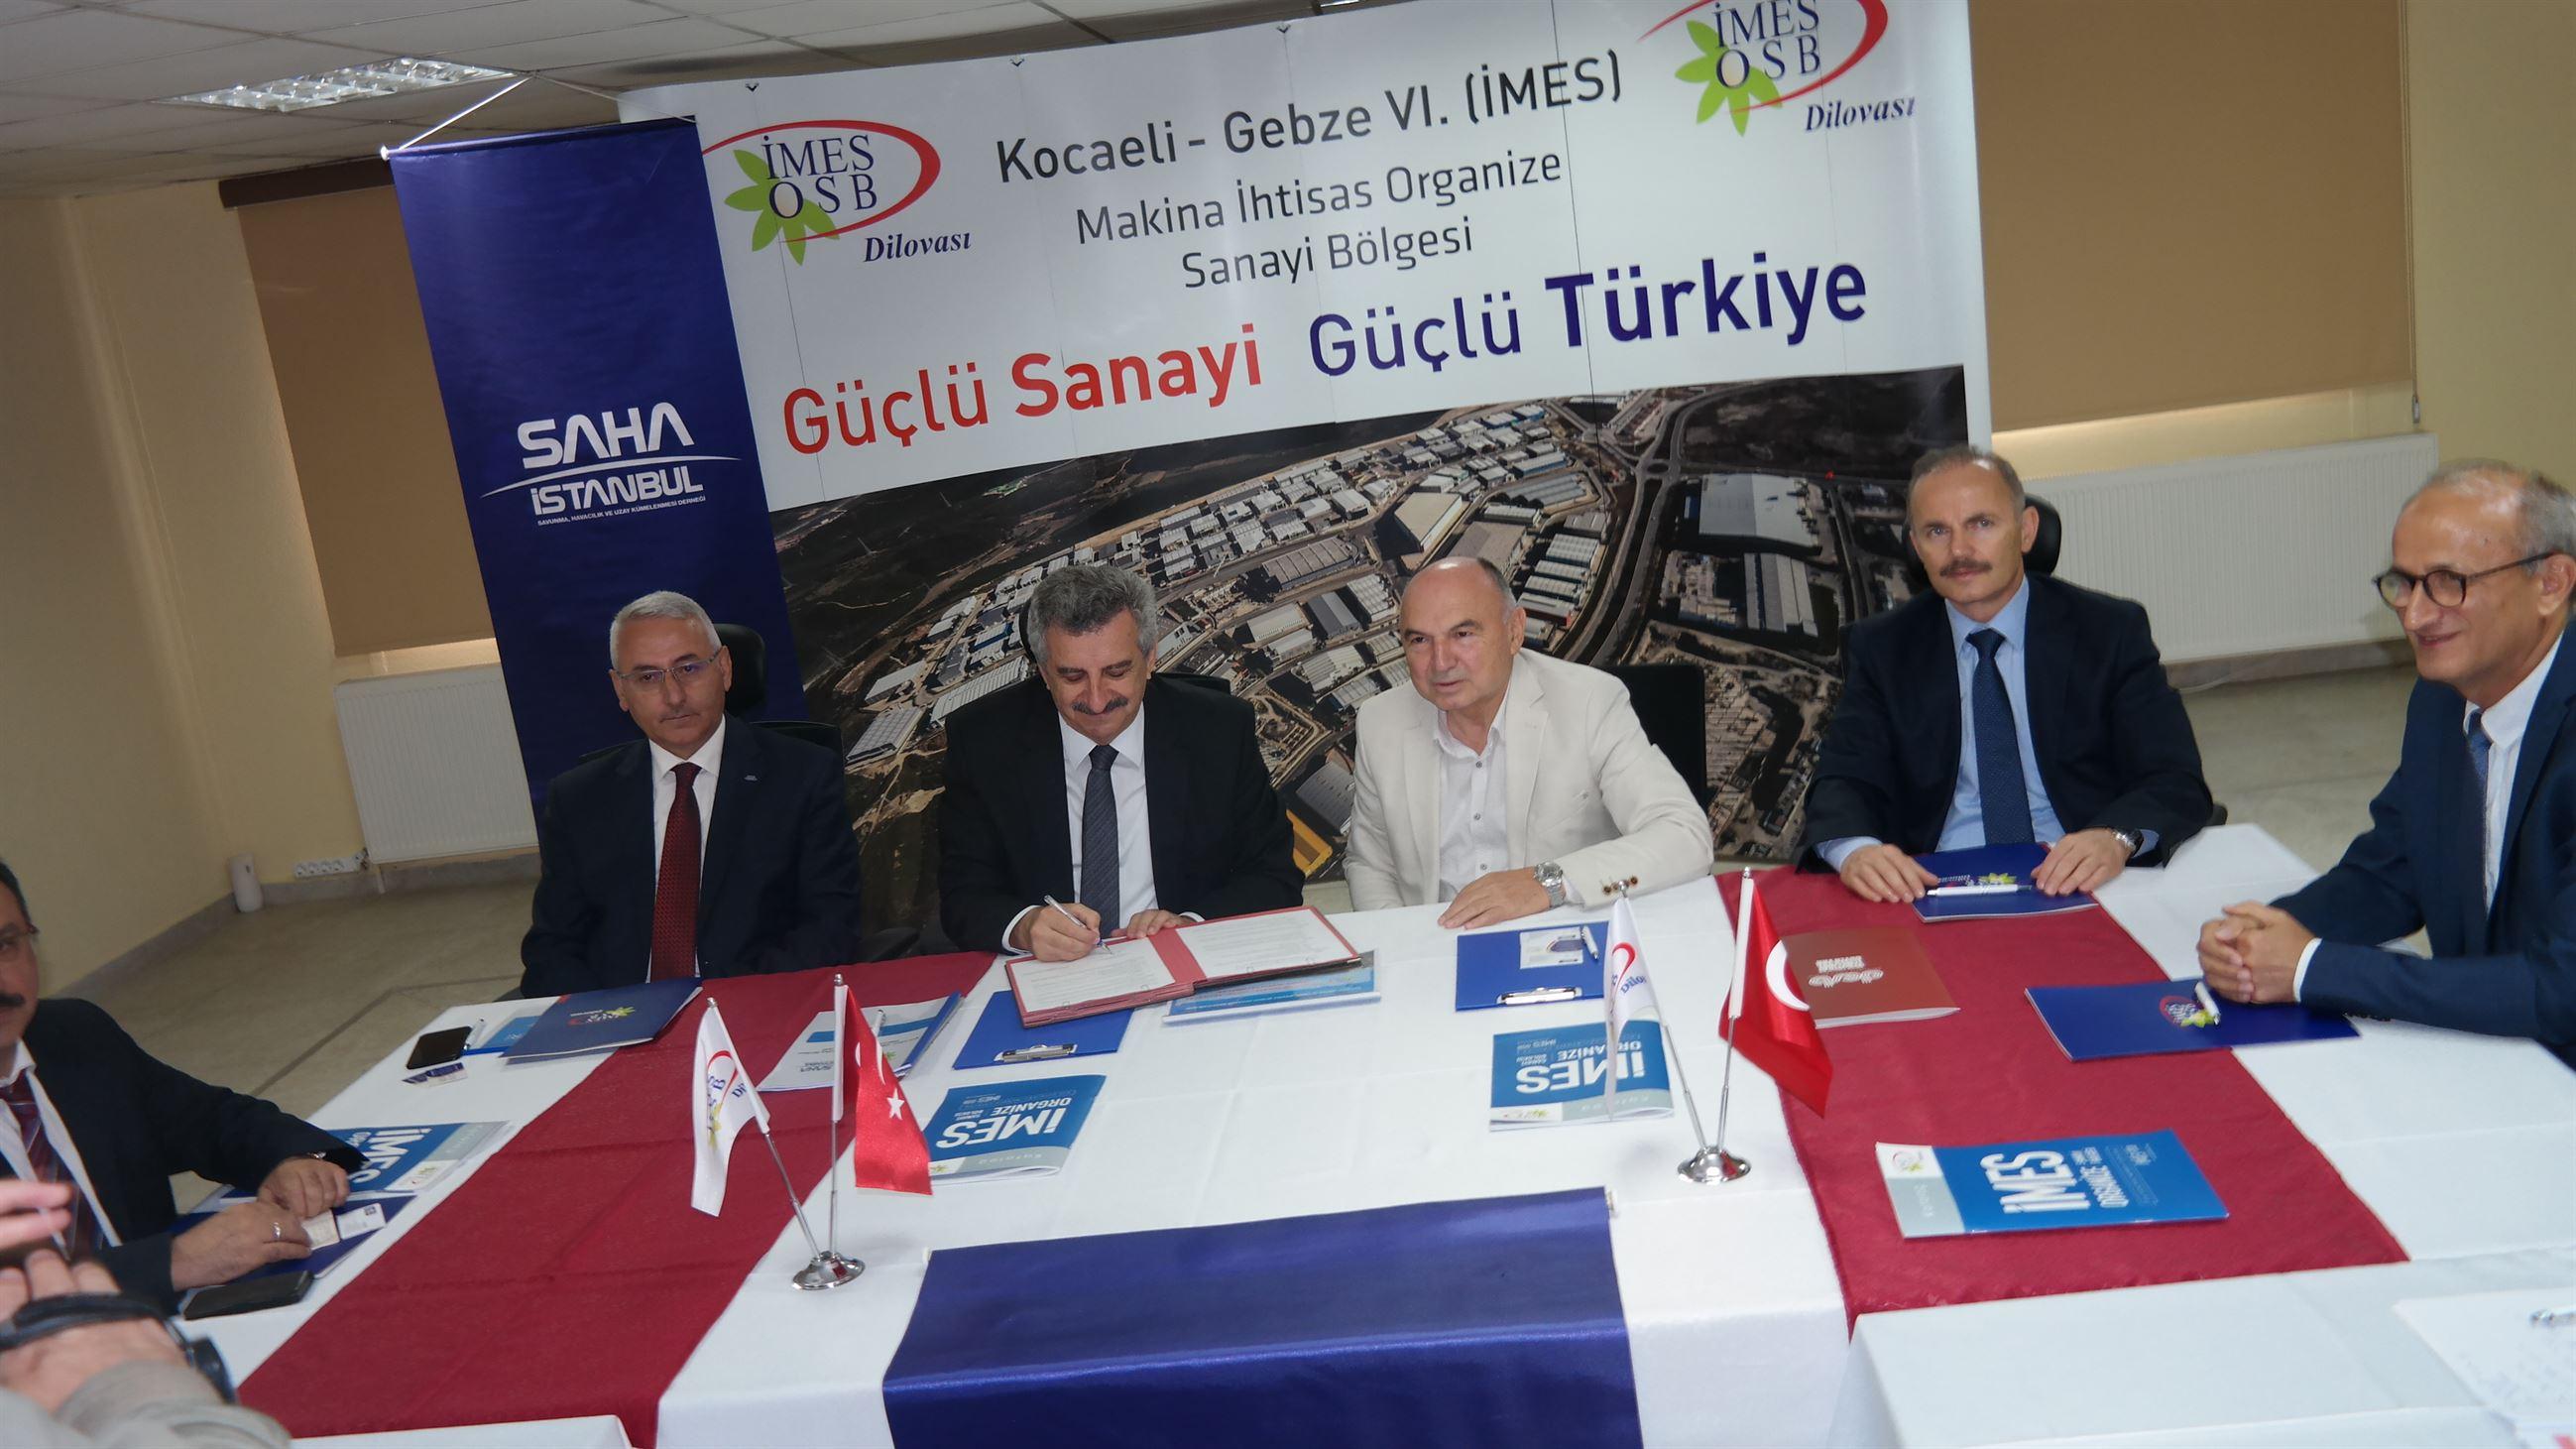 İMES OSB'den SAHA İstanbul İle İş Birliği